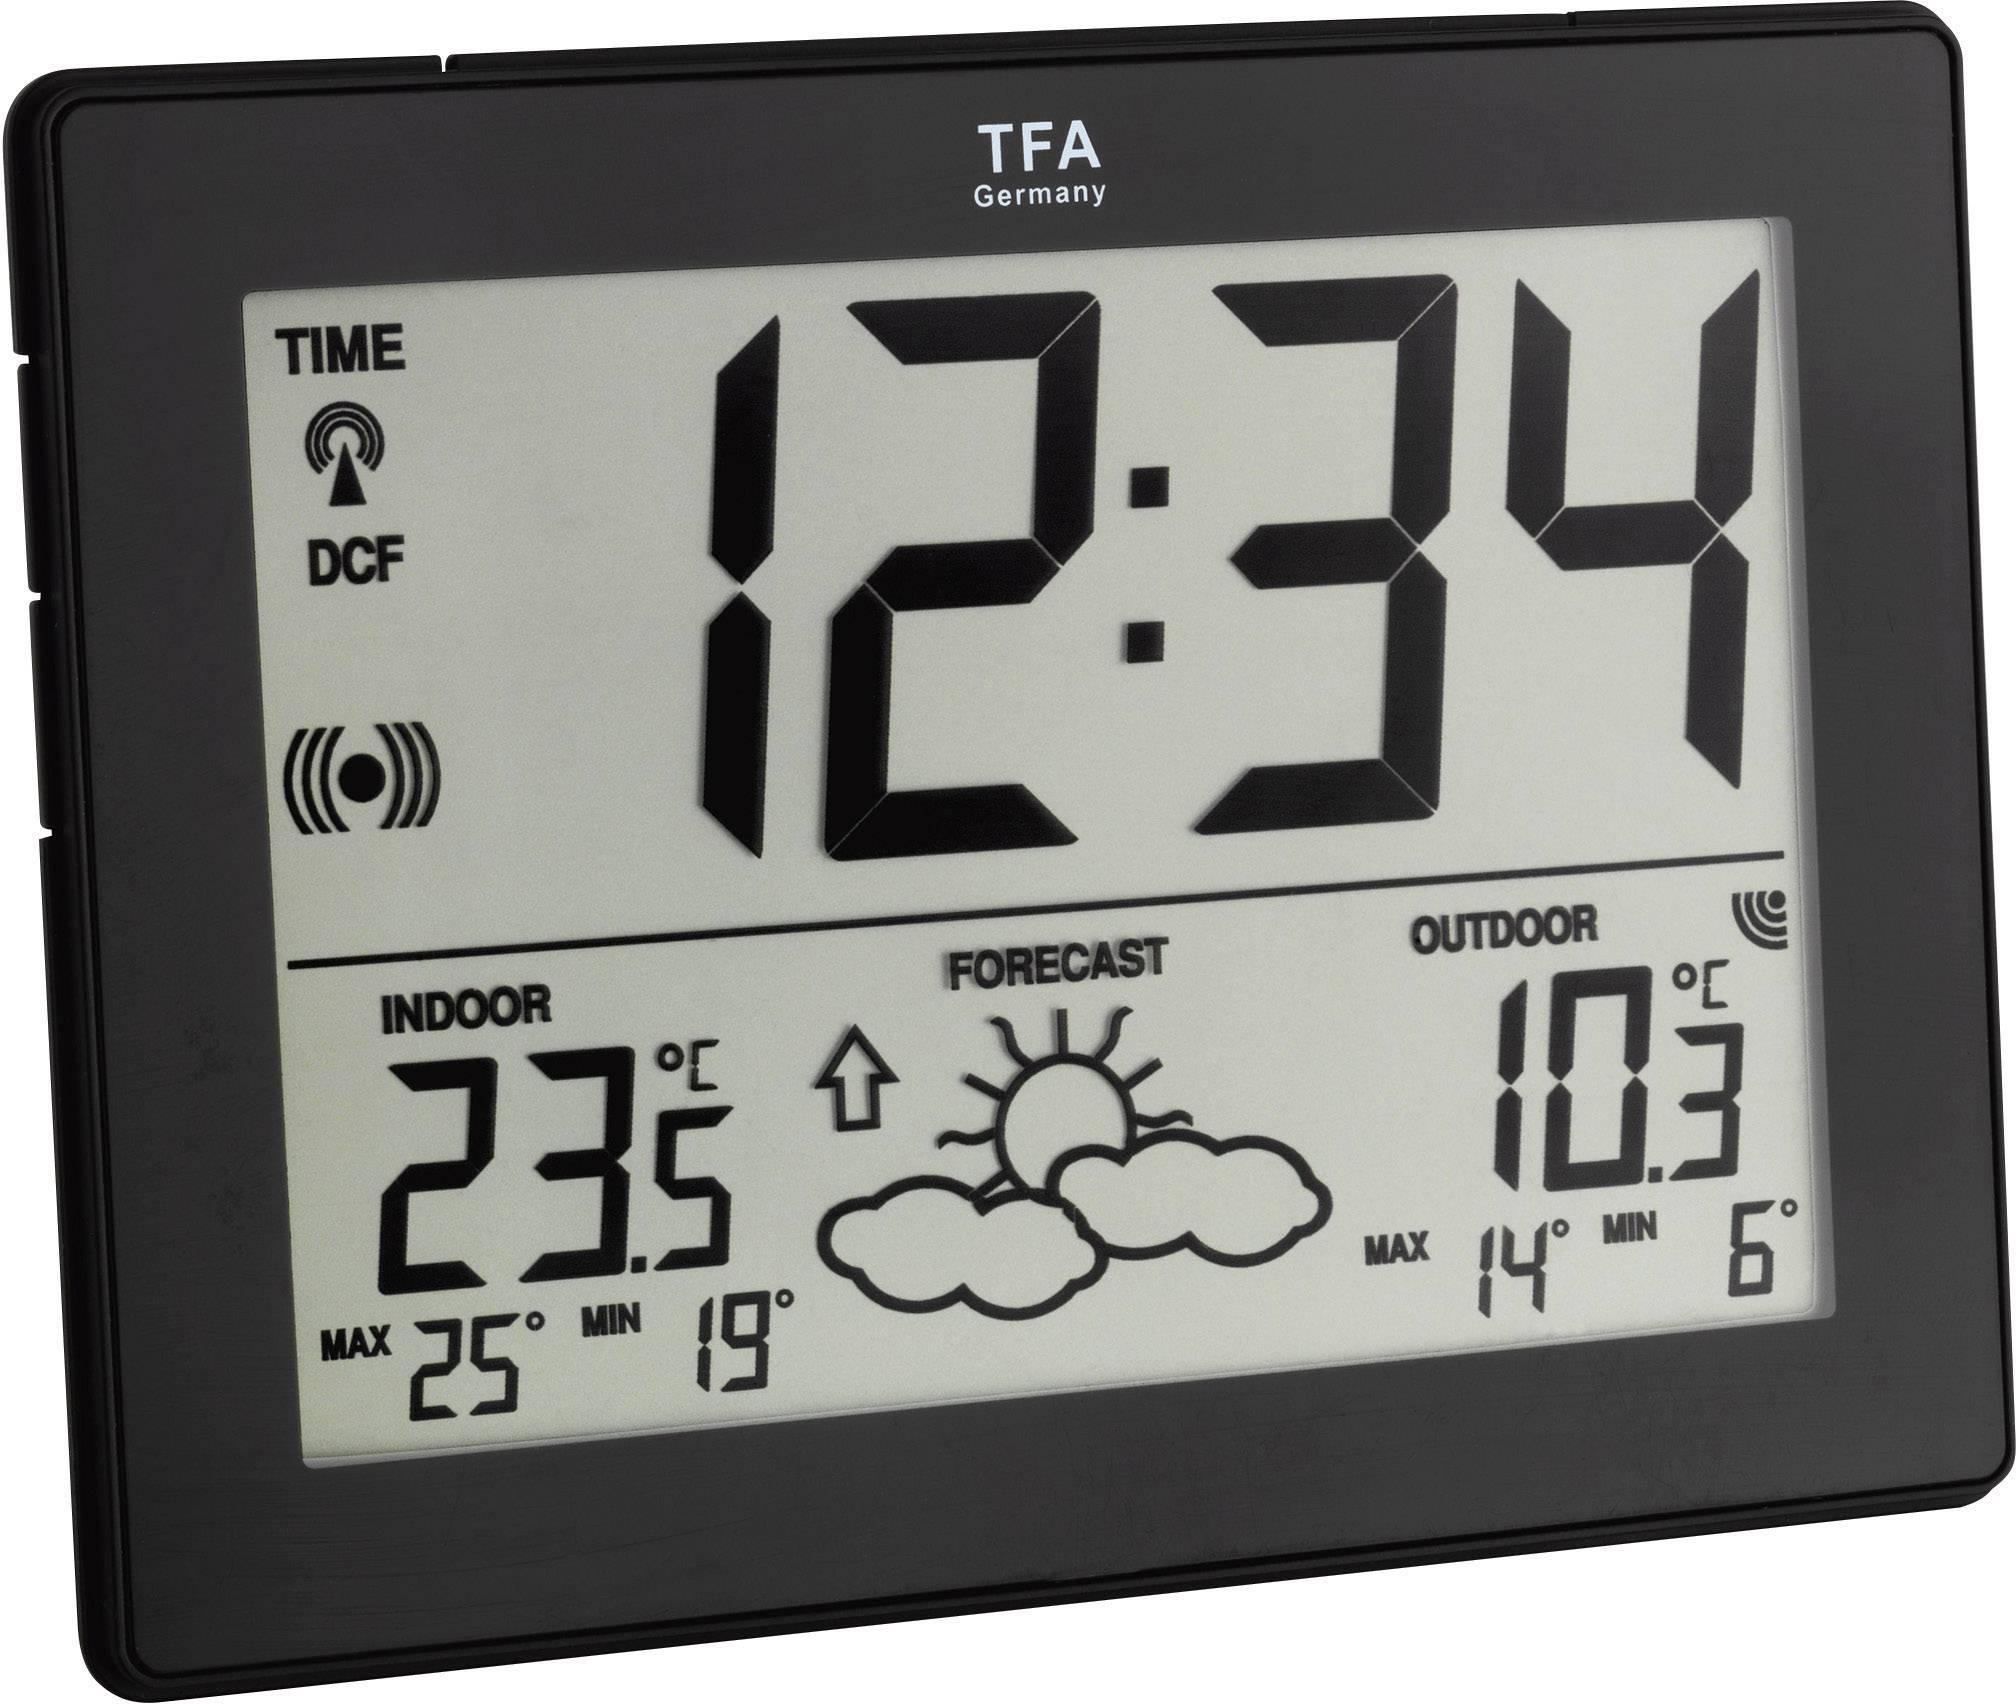 Digitálna bezdrôtová meteostanica s DCF hodinami, TFA 35-1125-01-IT, čierna